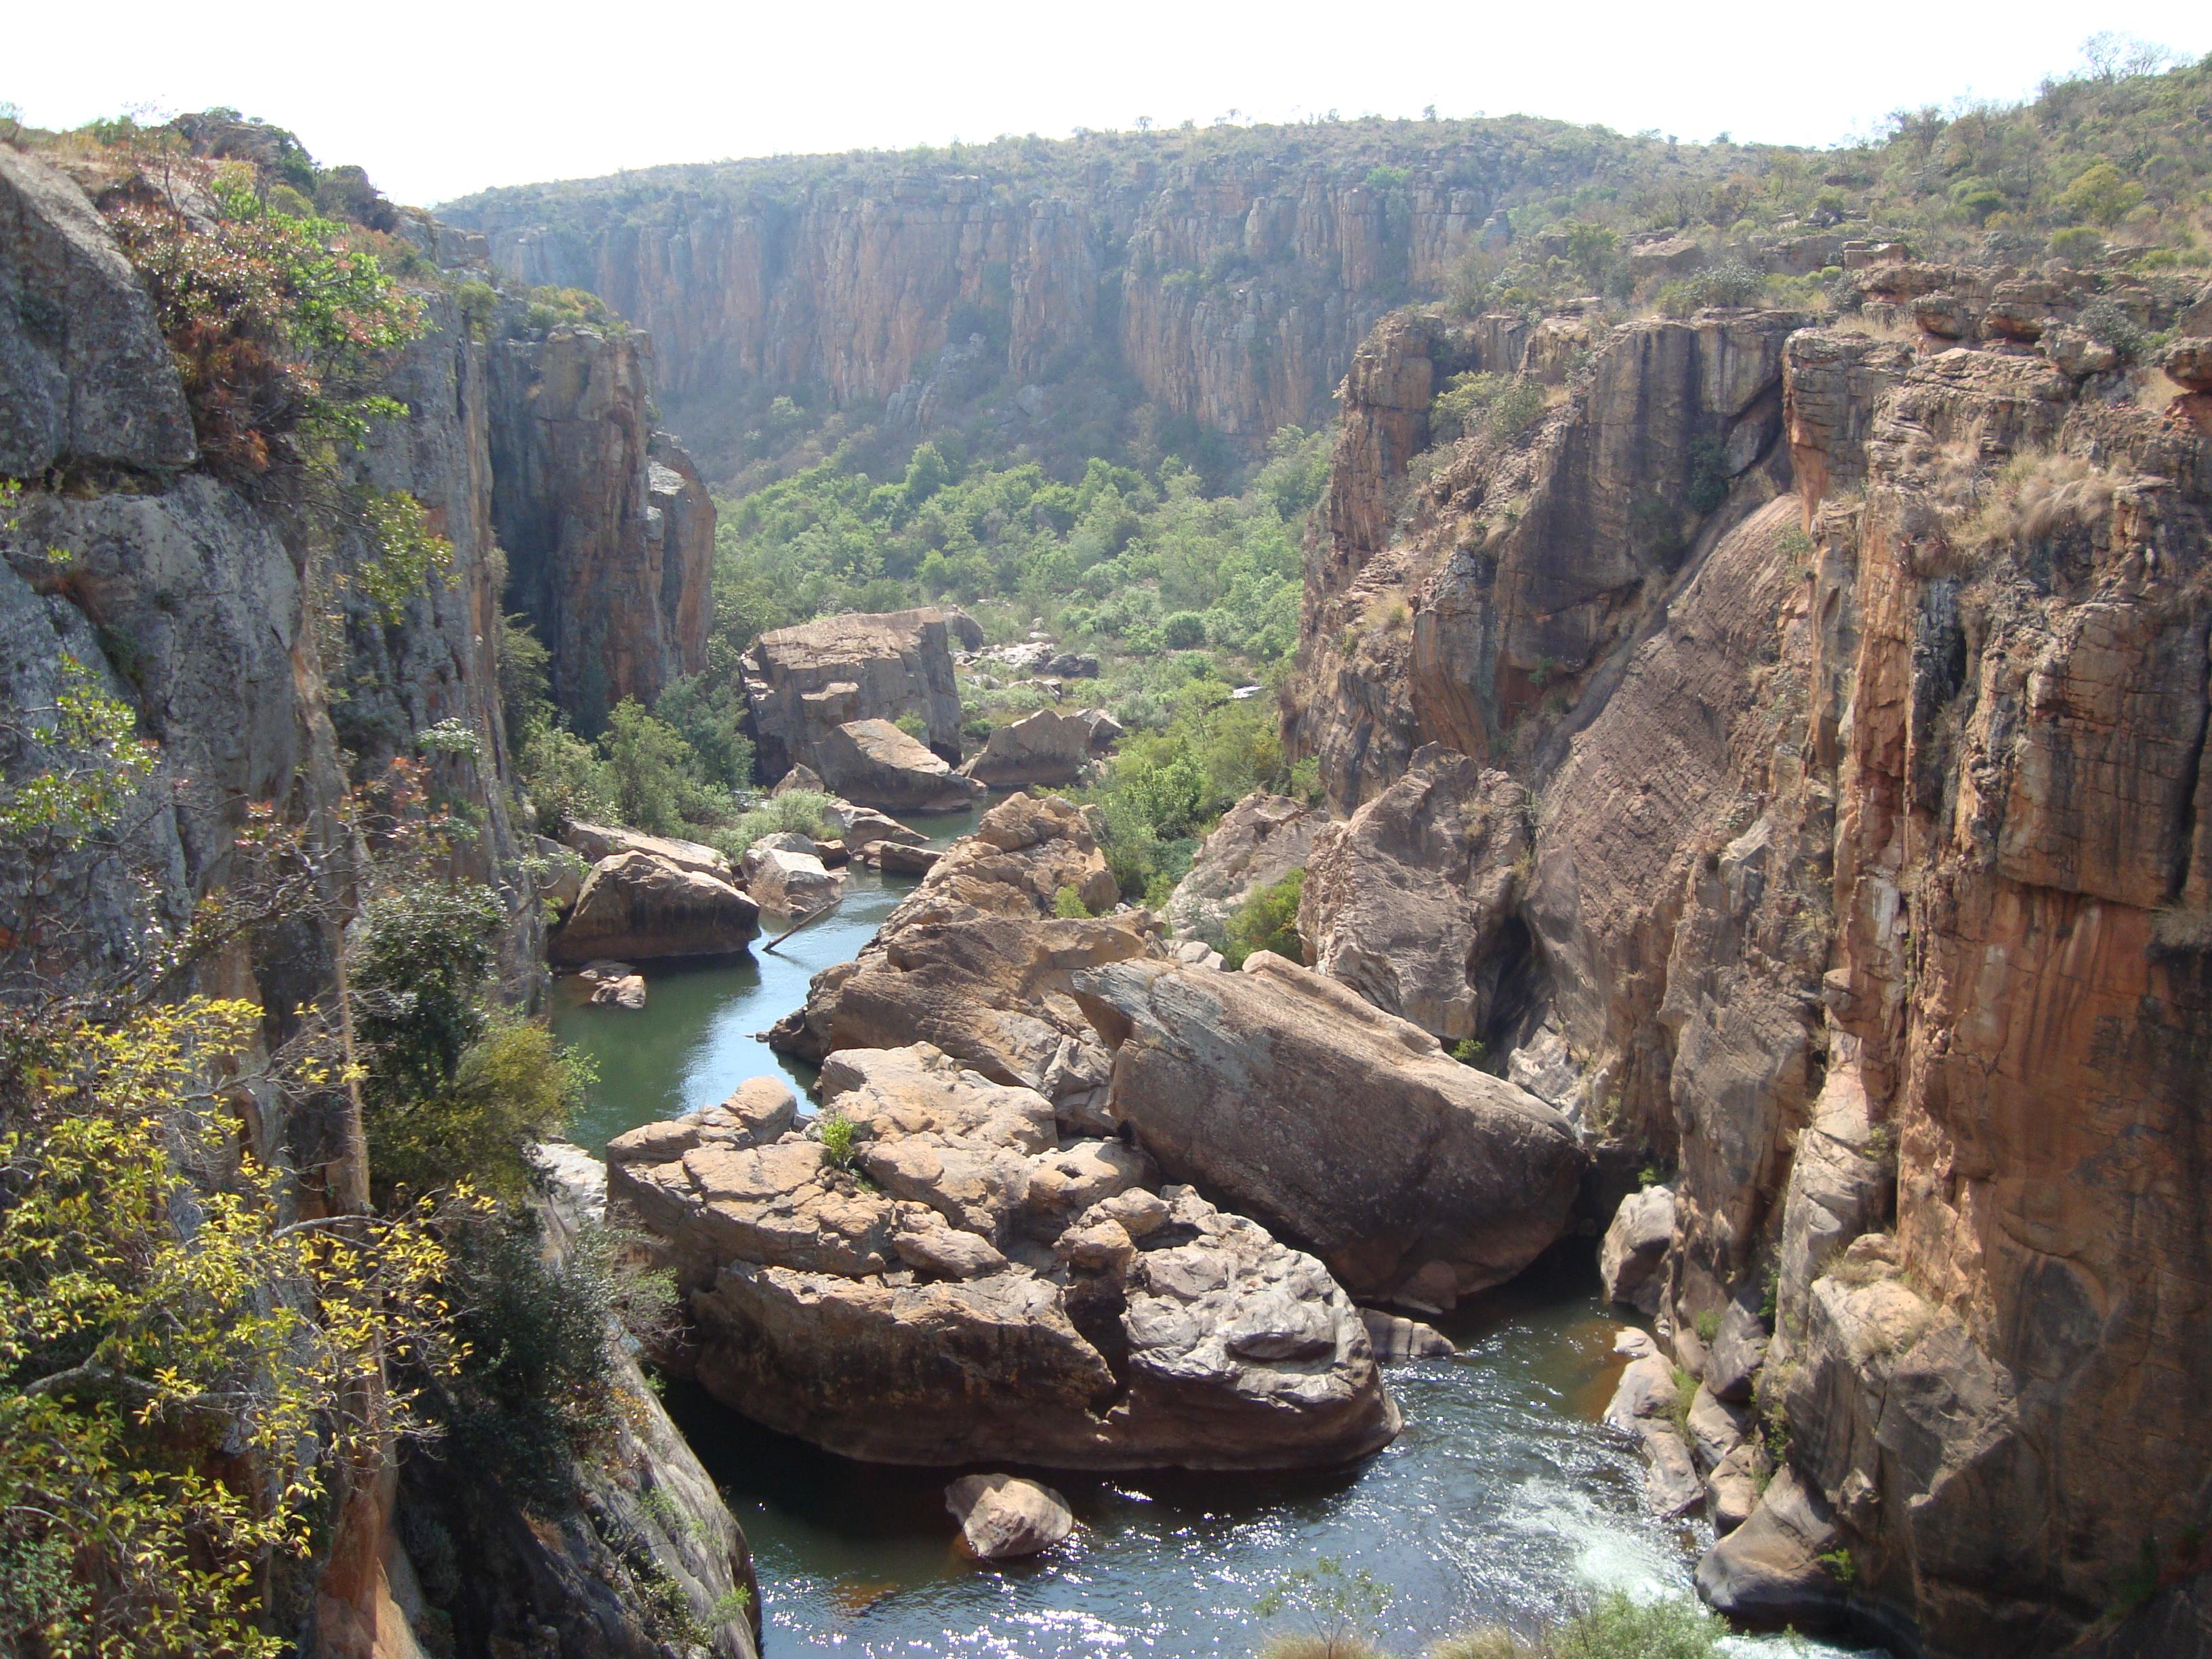 Afrique Du Sud 171 Autour Du Parc Kruger 187 171 Visiotours